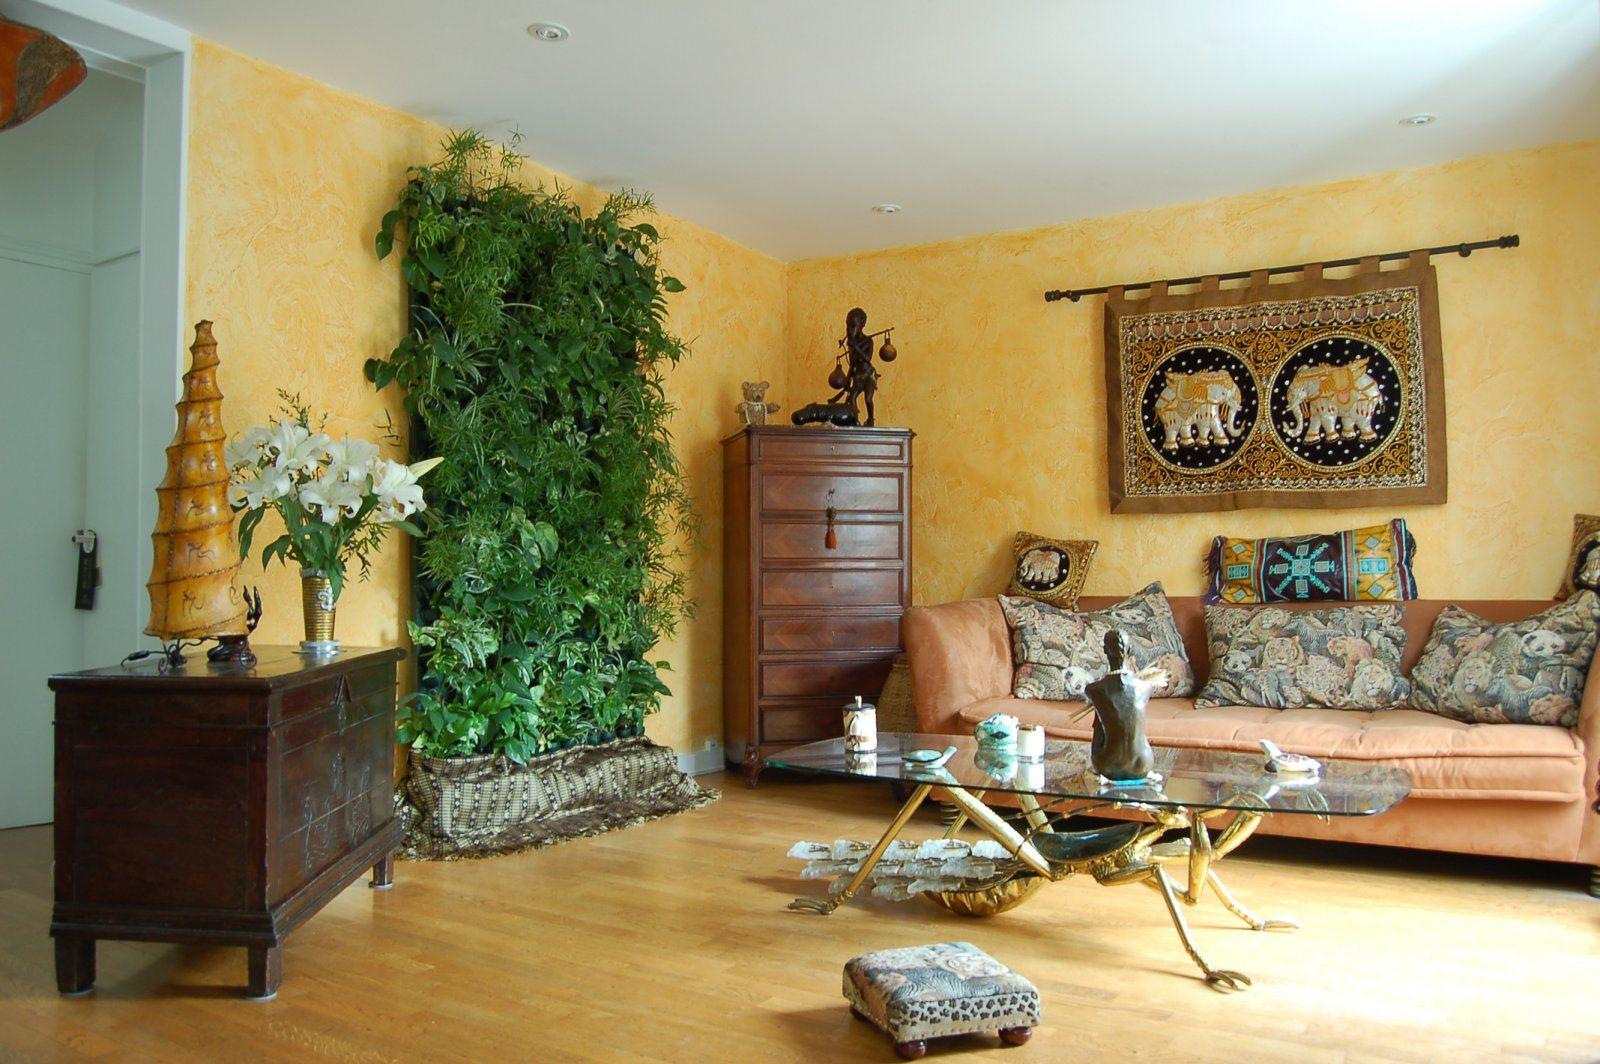 Decora o com plantas for Decoracion del hogar con plantas